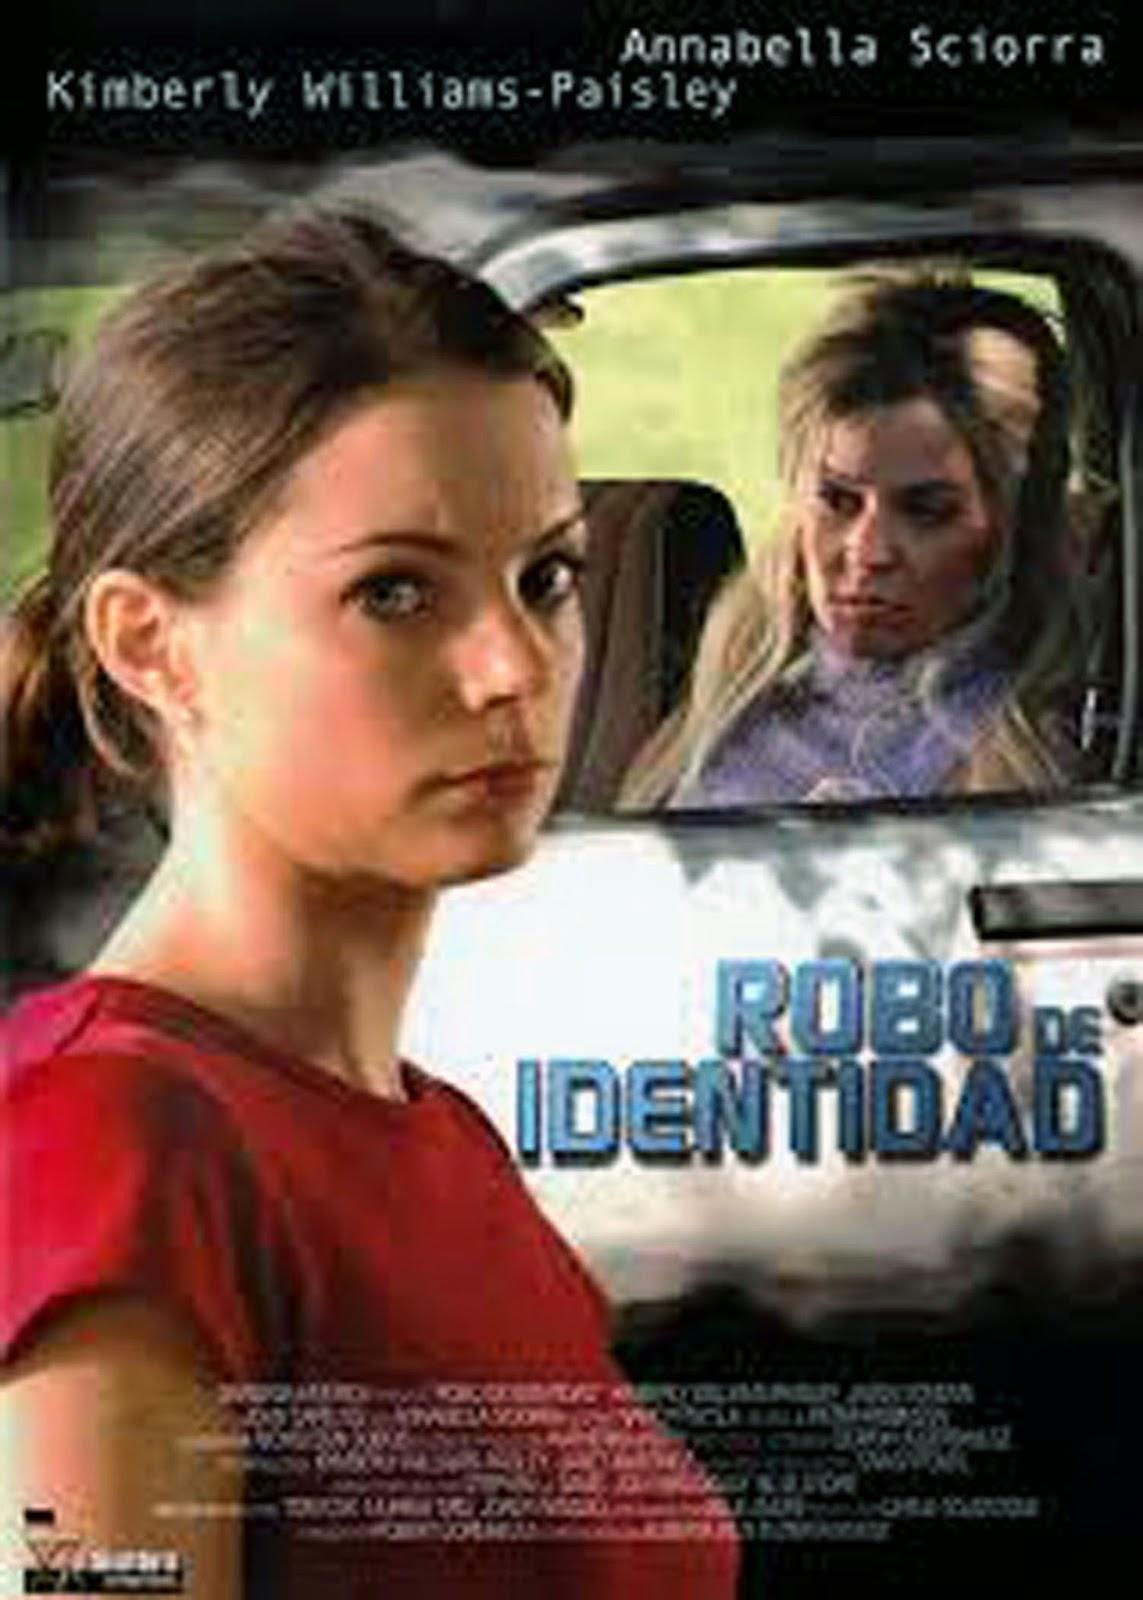 Robo de identidad (2004) Drama basado en hechos reales